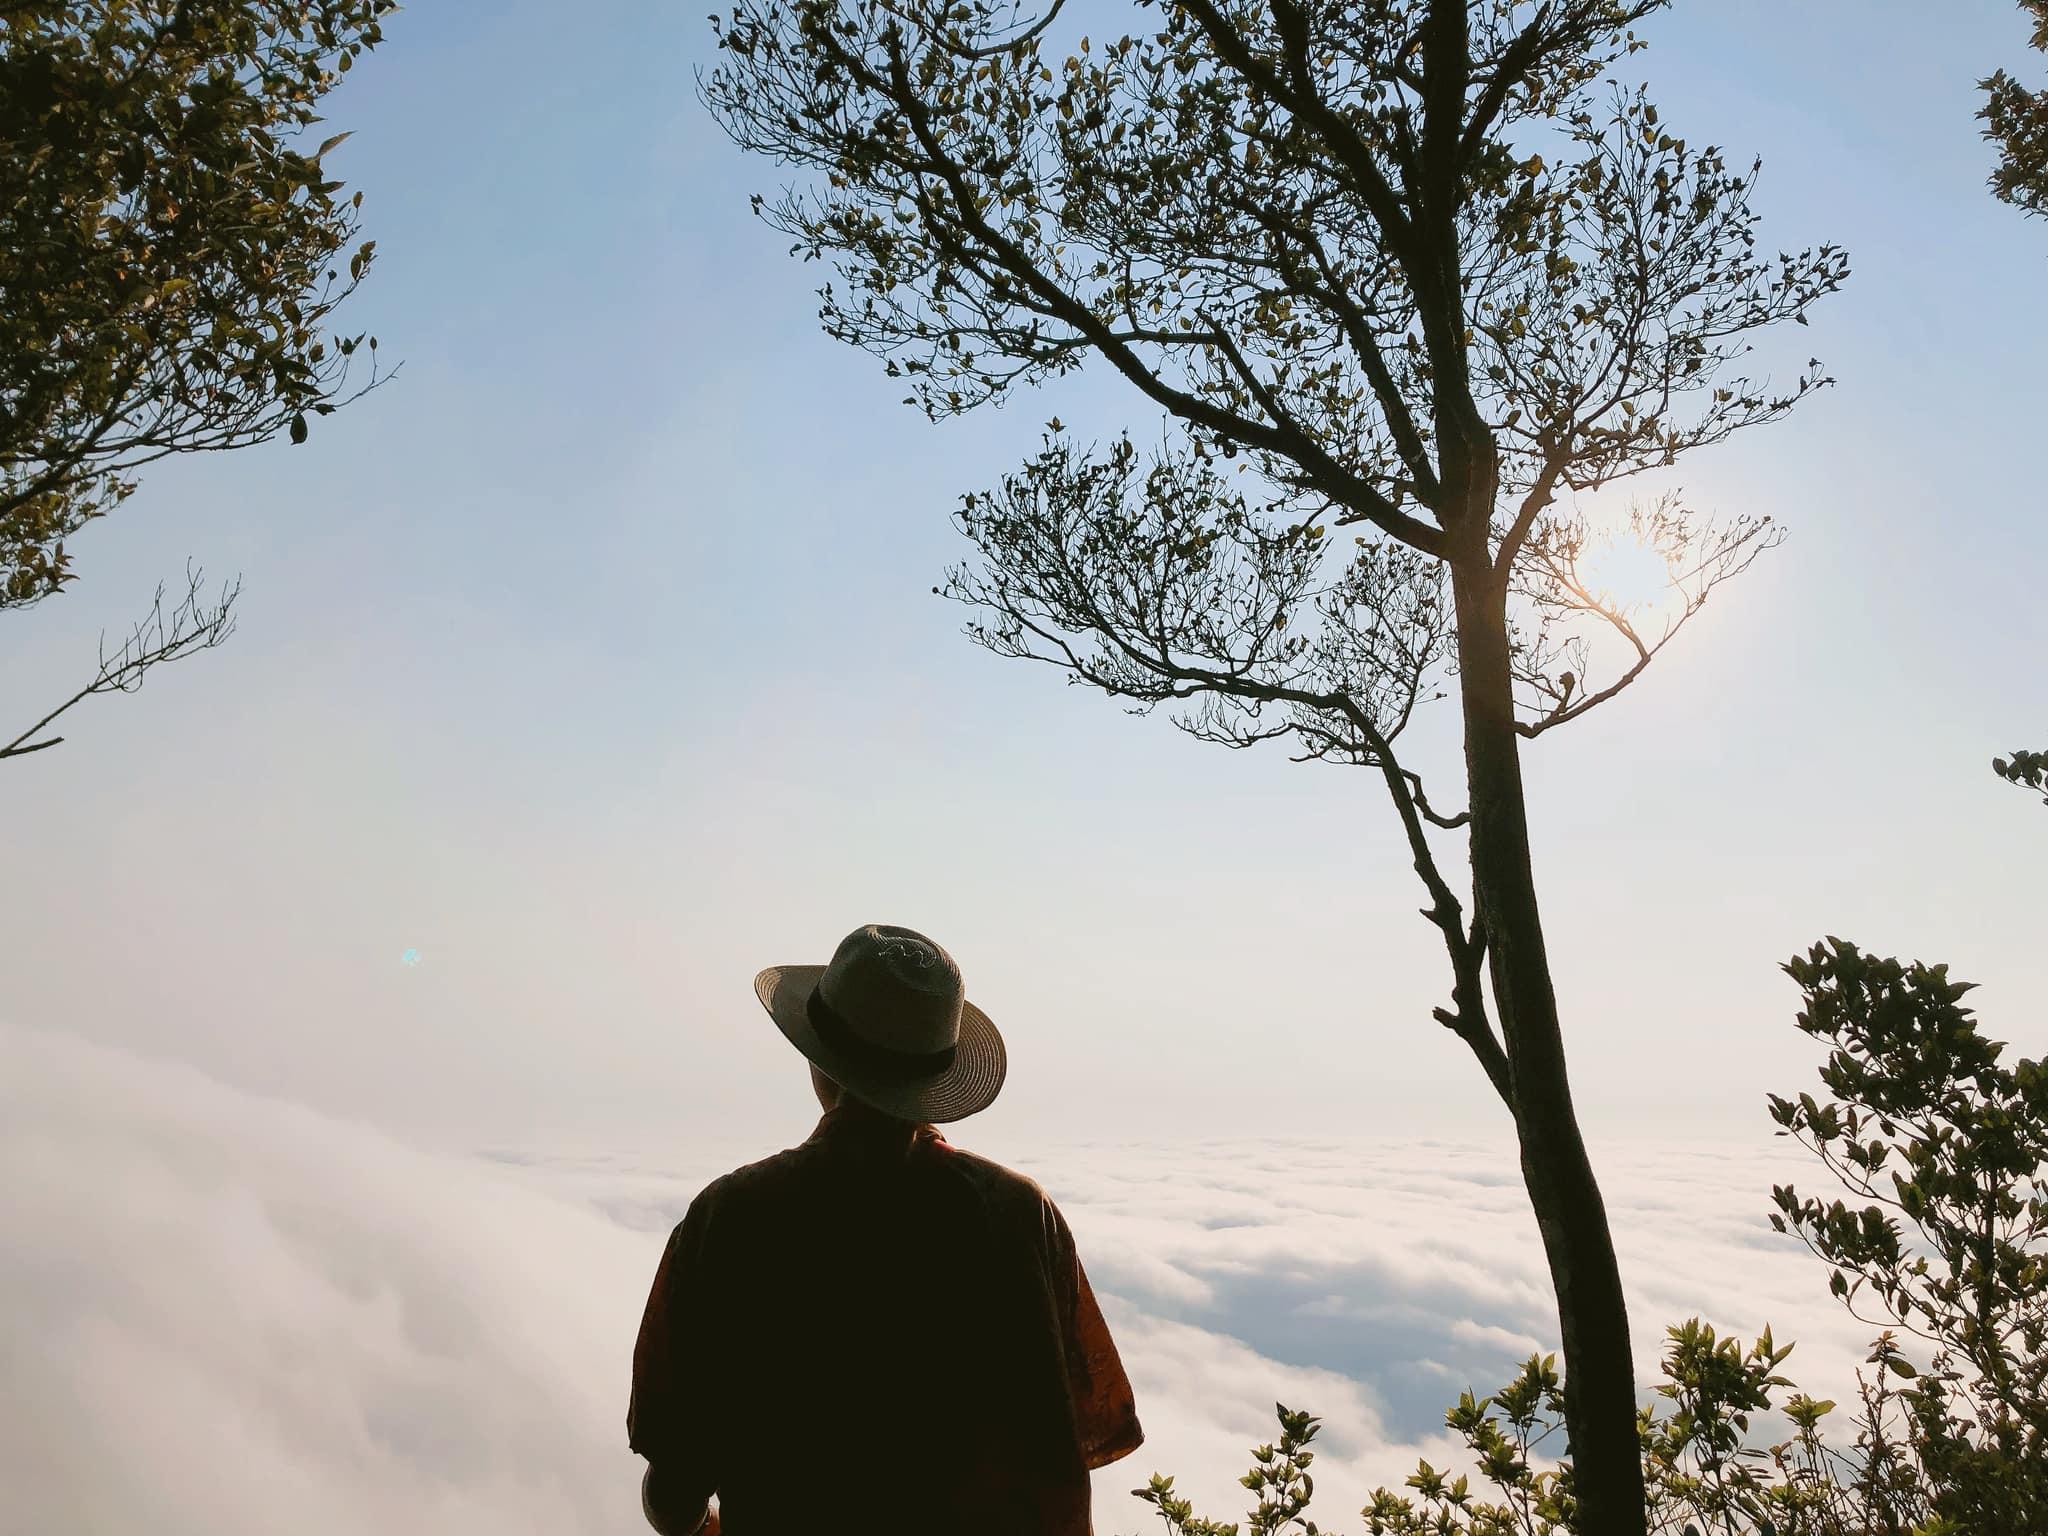 Săn mây tại Ba Vì. Hình: Tuấn Việt